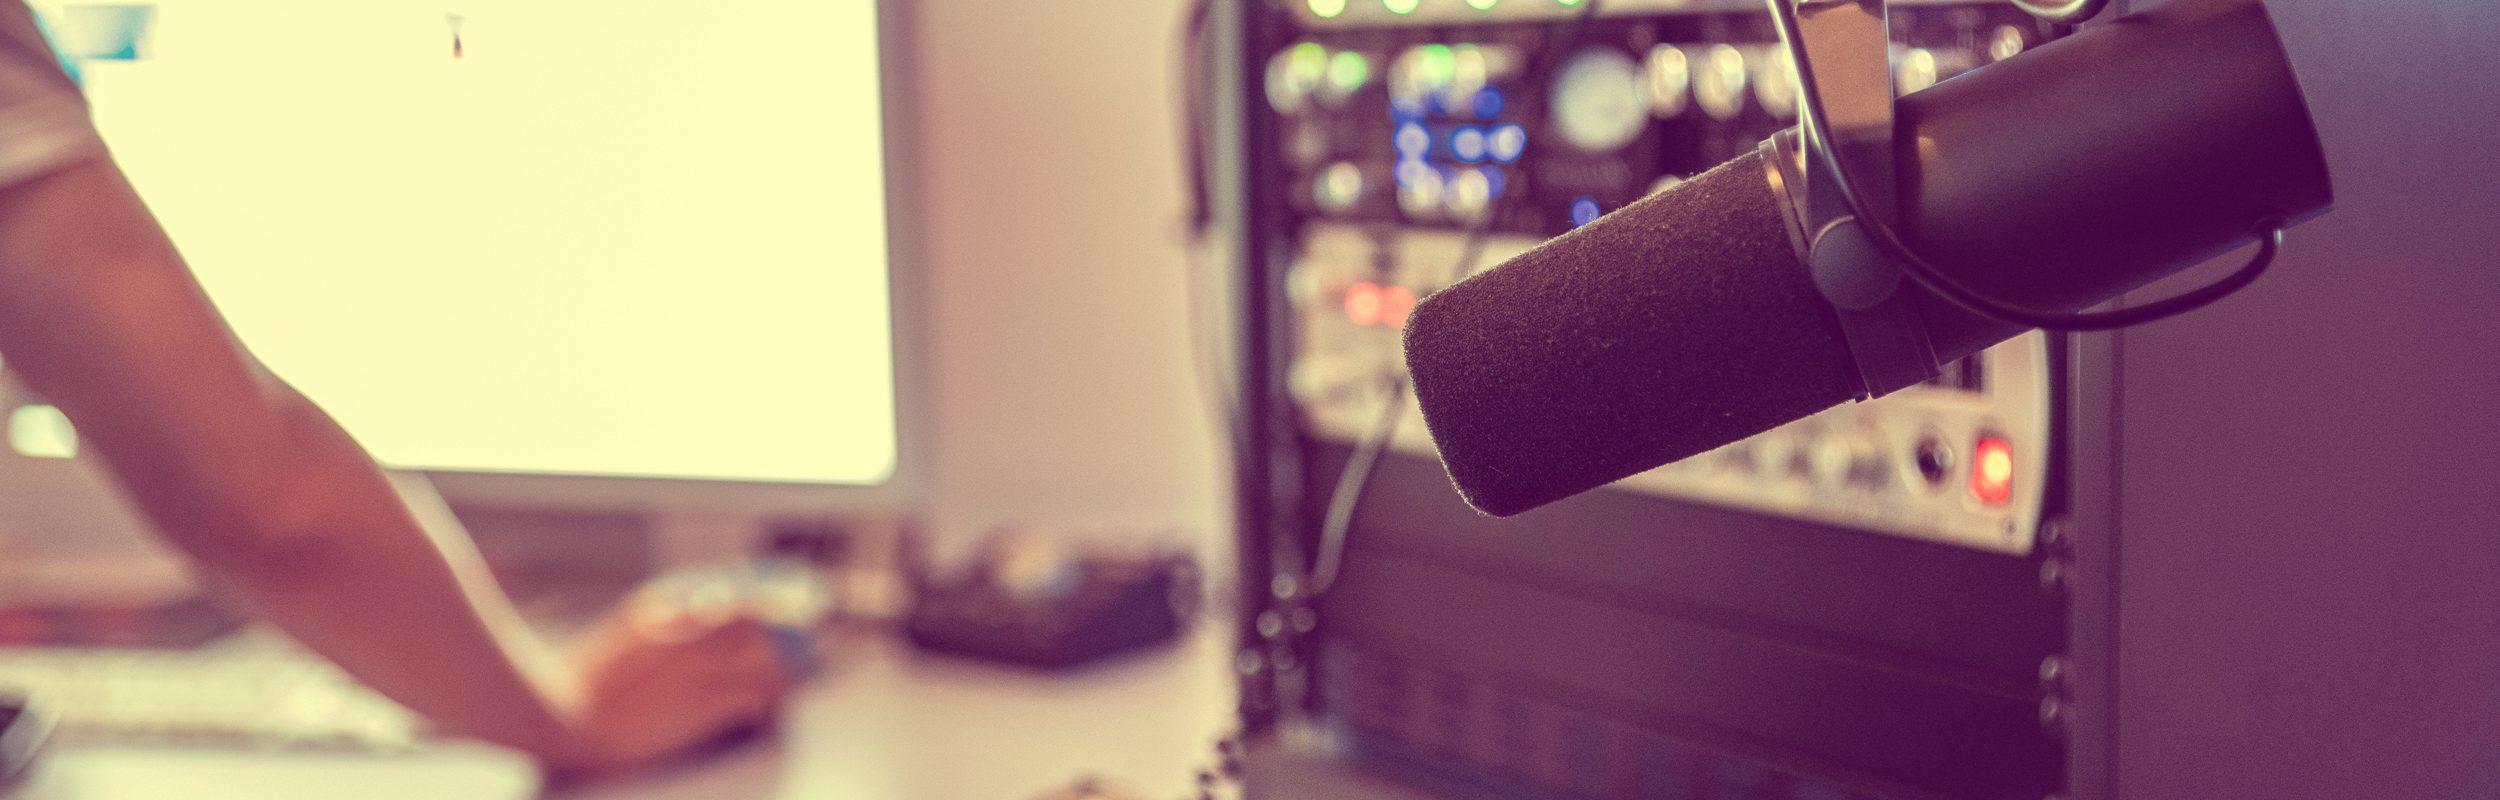 Regieraum mit Mikrofon und Rack